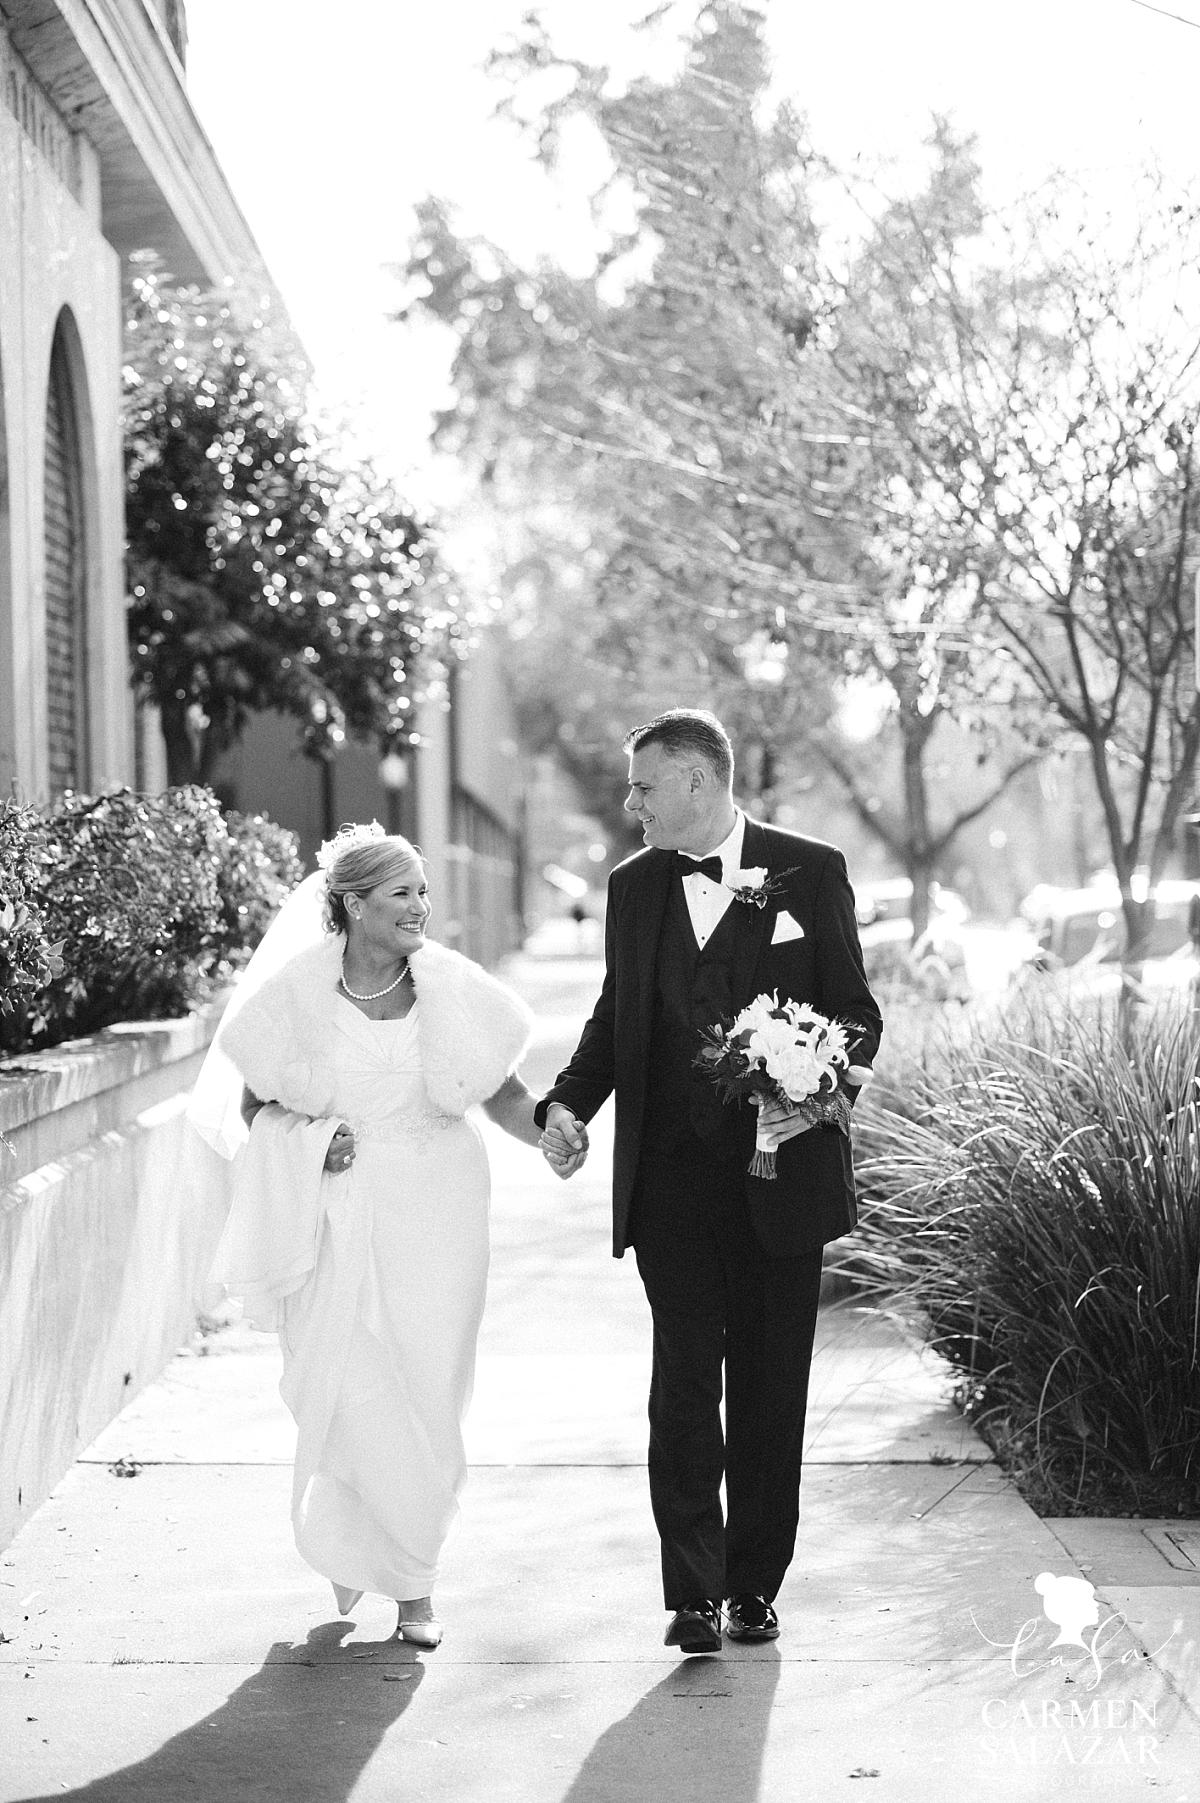 Downtown Sacramento wedding photography - Carmen Salazar